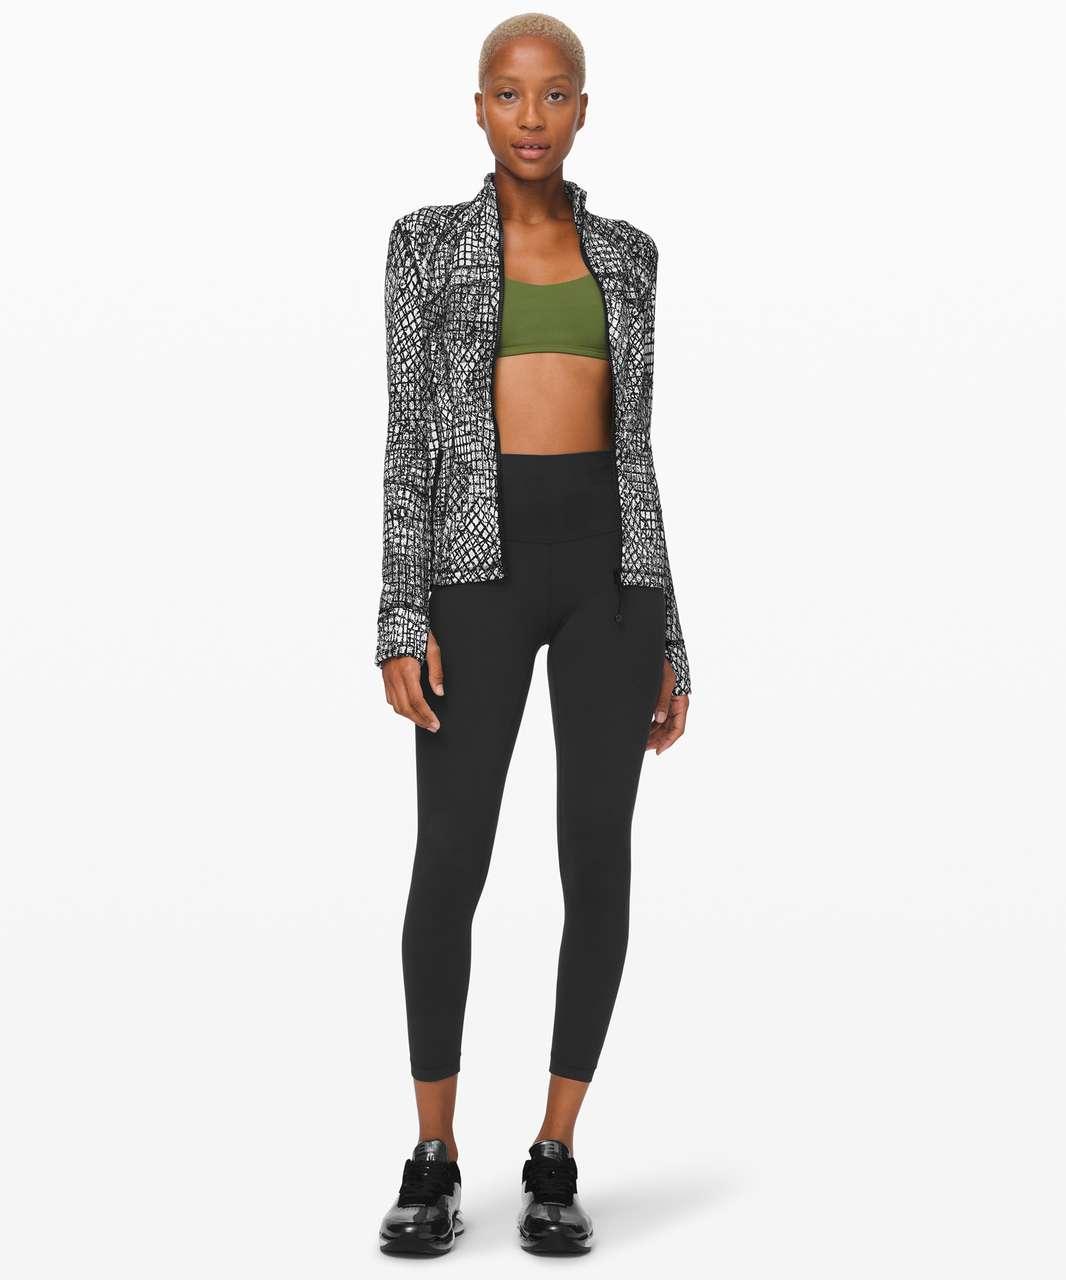 Lululemon Define Jacket *Luxtreme - Tectonic Jacquard White Black